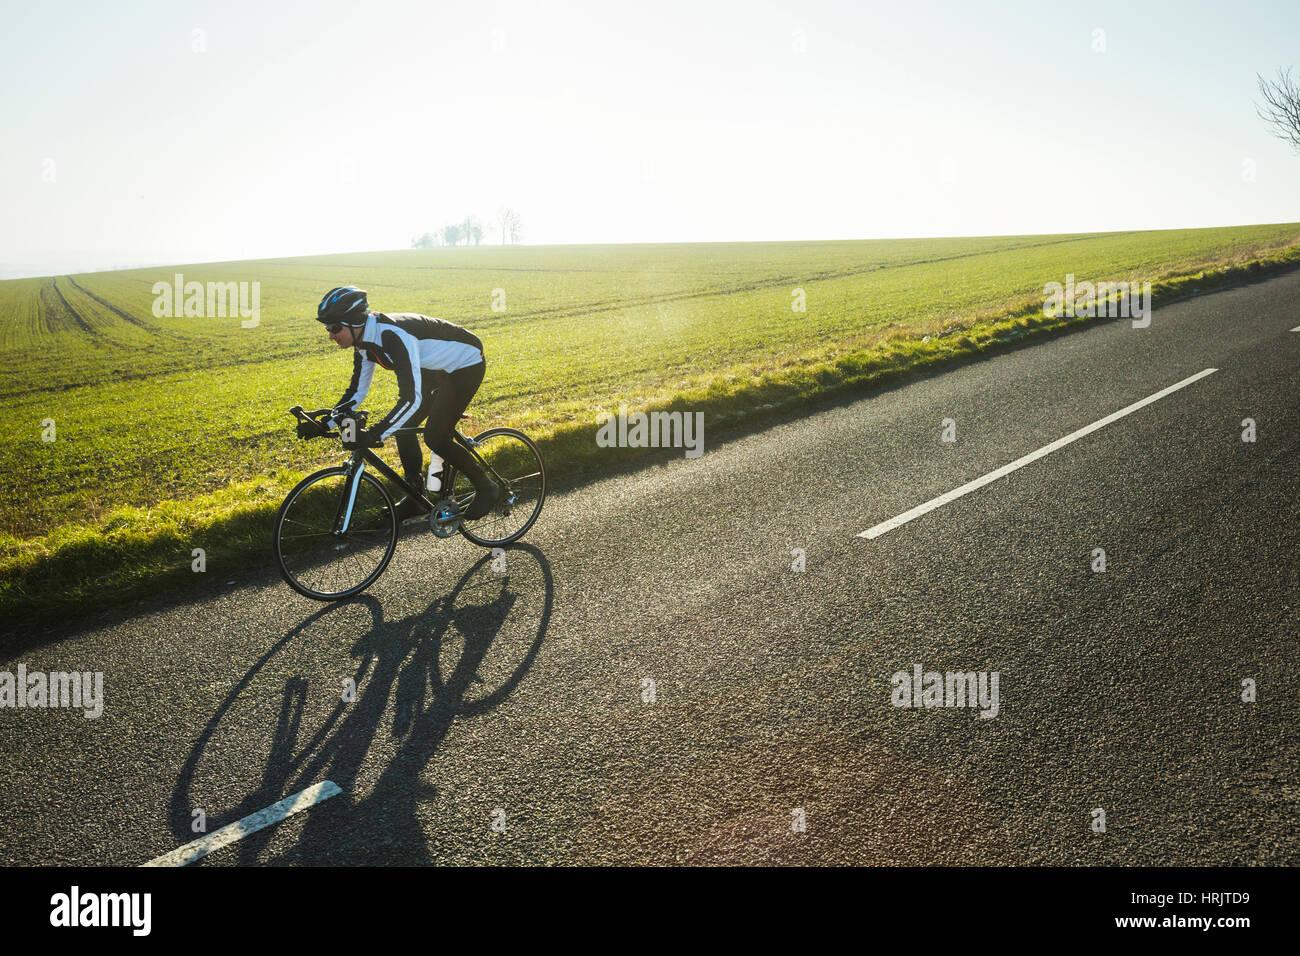 Un ciclista de andar por un camino vecinal en un soleado día de invierno. Sombra sobre la superficie de la carretera. Foto de stock